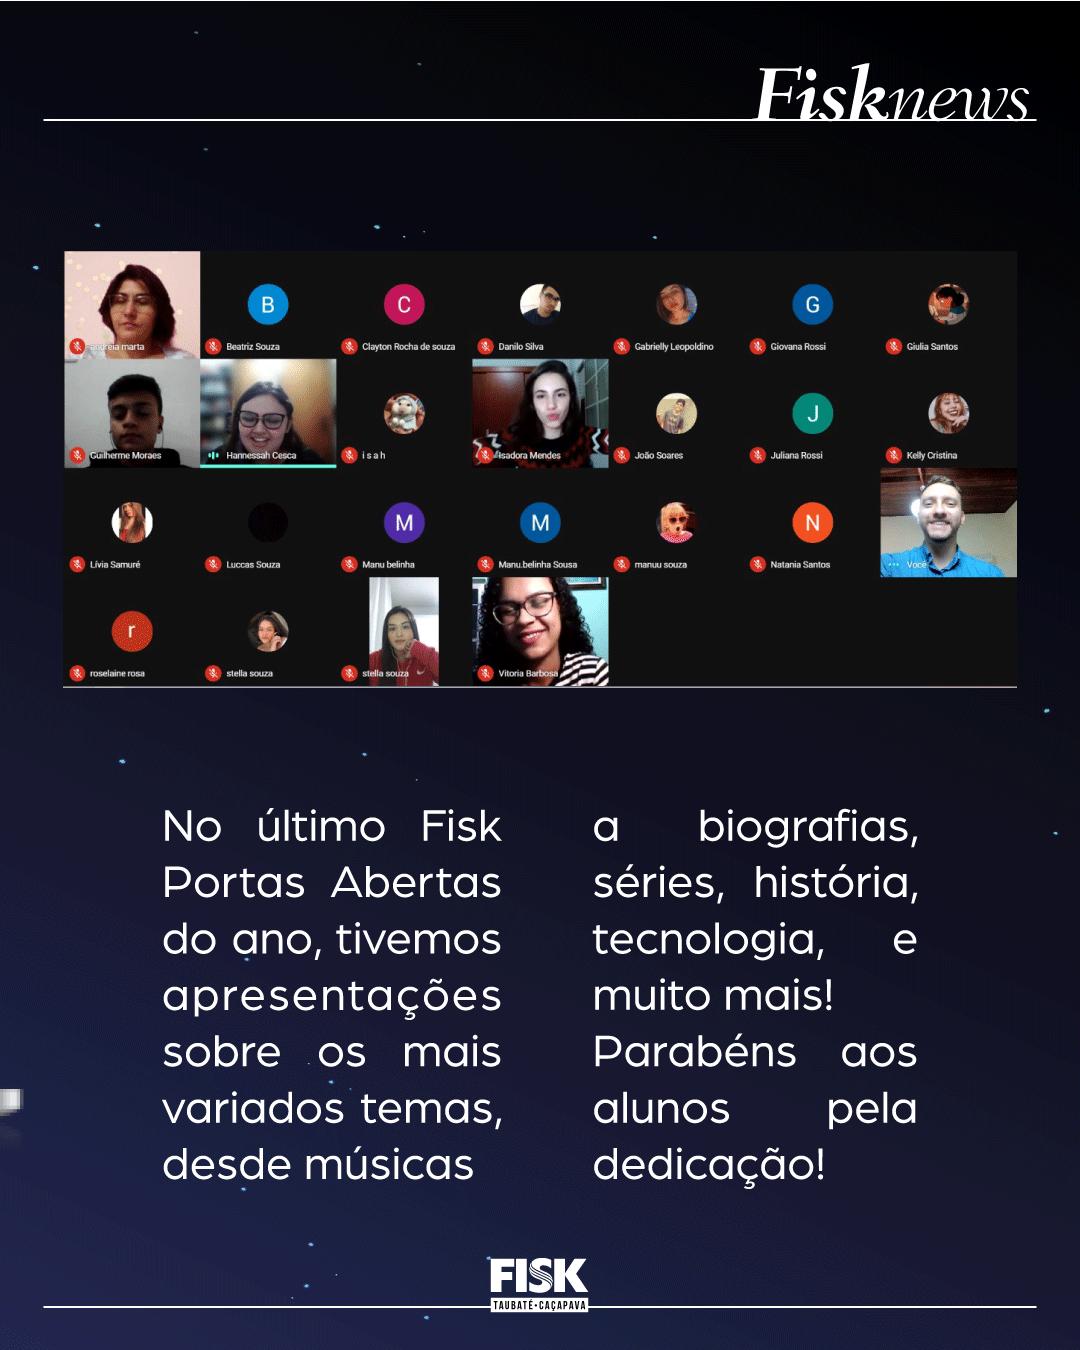 Fisk Caçapava e Taubaté/SP - Fisk Portas Abertas Online - 3rd Editio